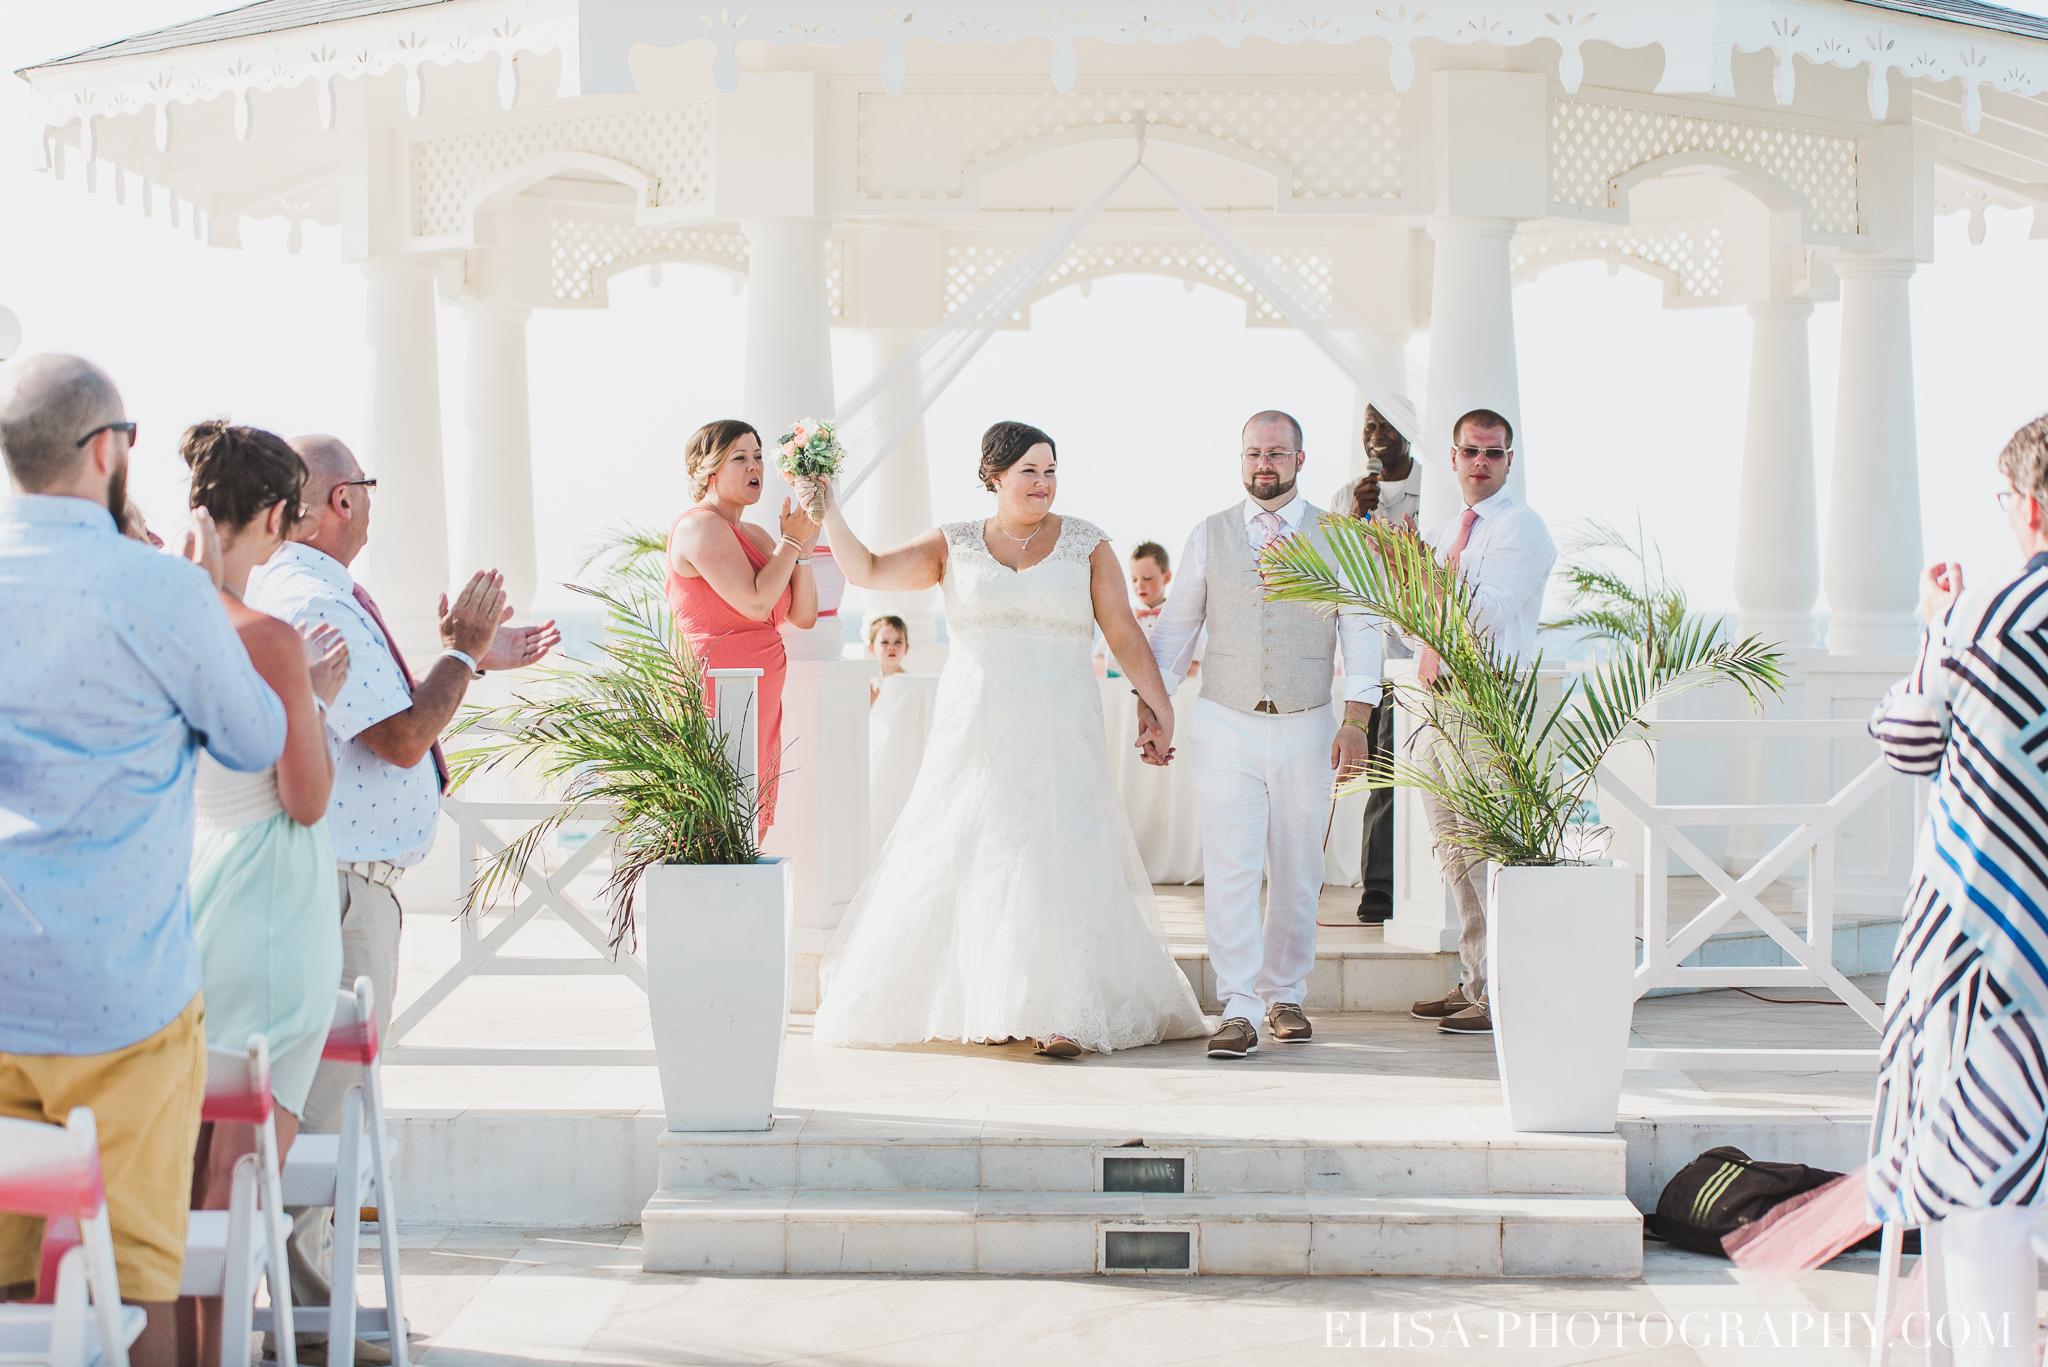 mariage de rêve à destination cérémonie du sable mer des caraïbes grand bahia principe jamaïque photo 5146 - Galerie photos de mariages à destination